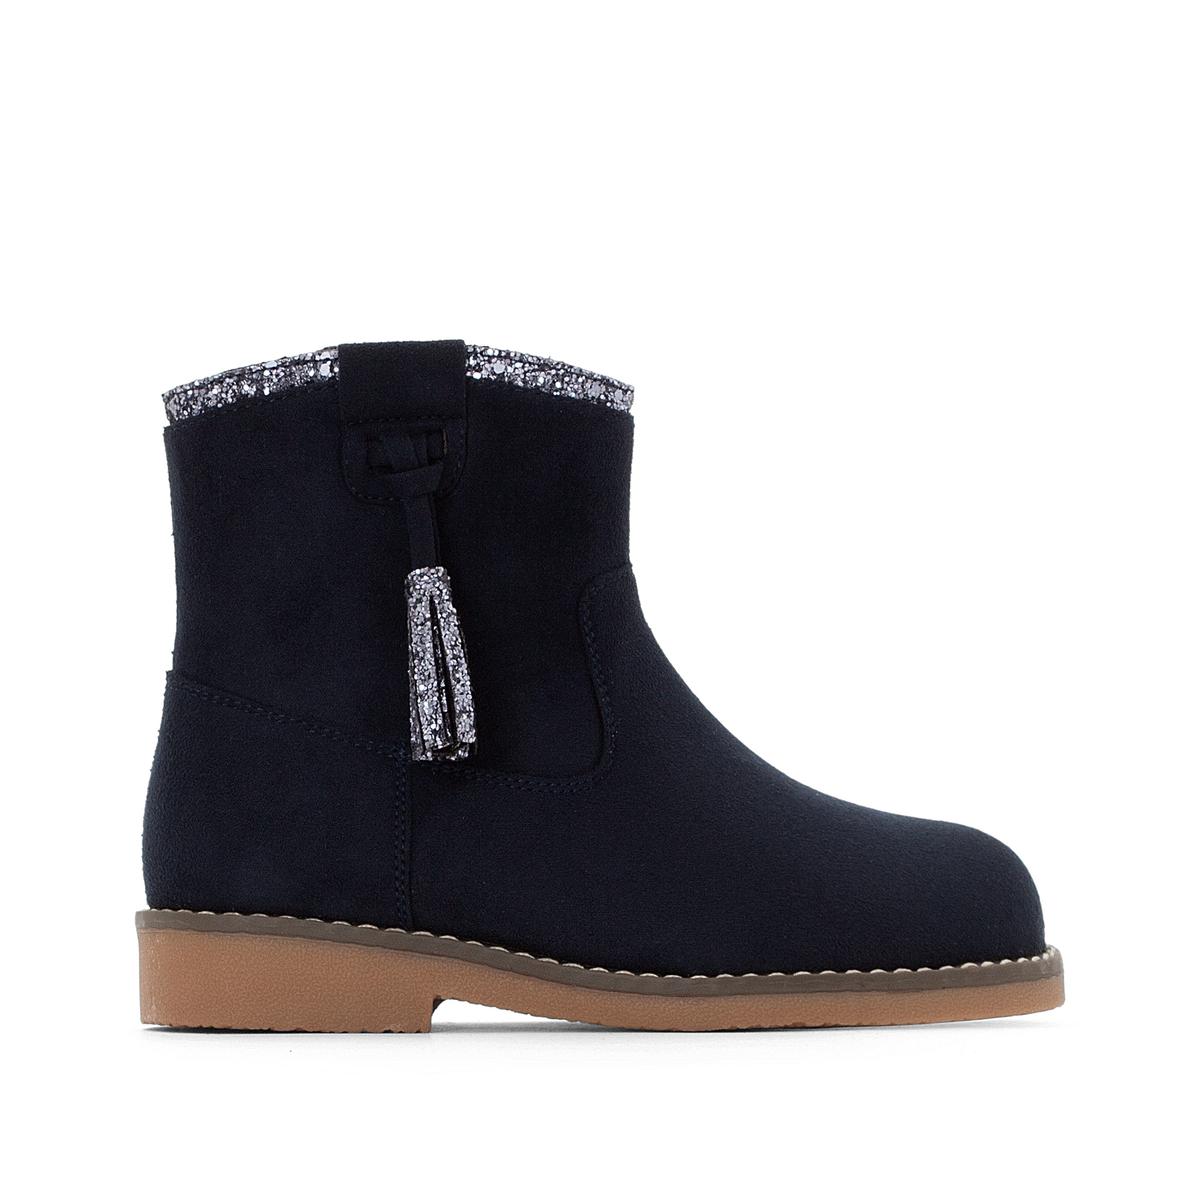 Boots cerniere, con paillettes e pompons 26-37